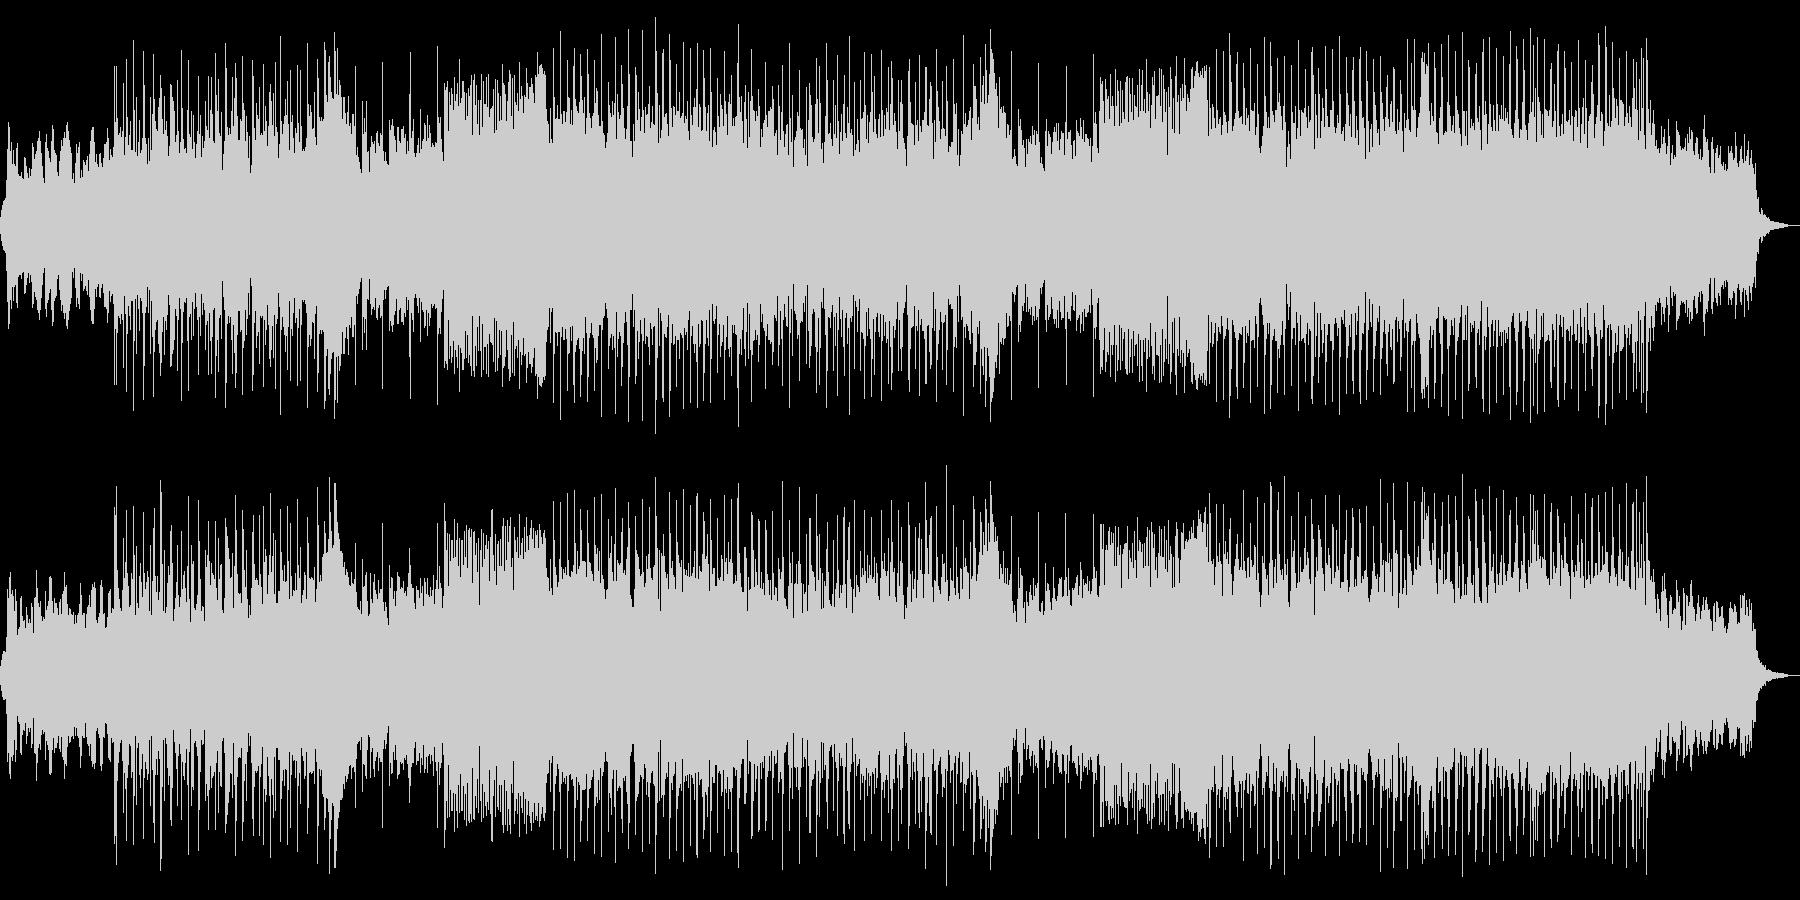 洋楽Pop・R'nBテイストの未再生の波形